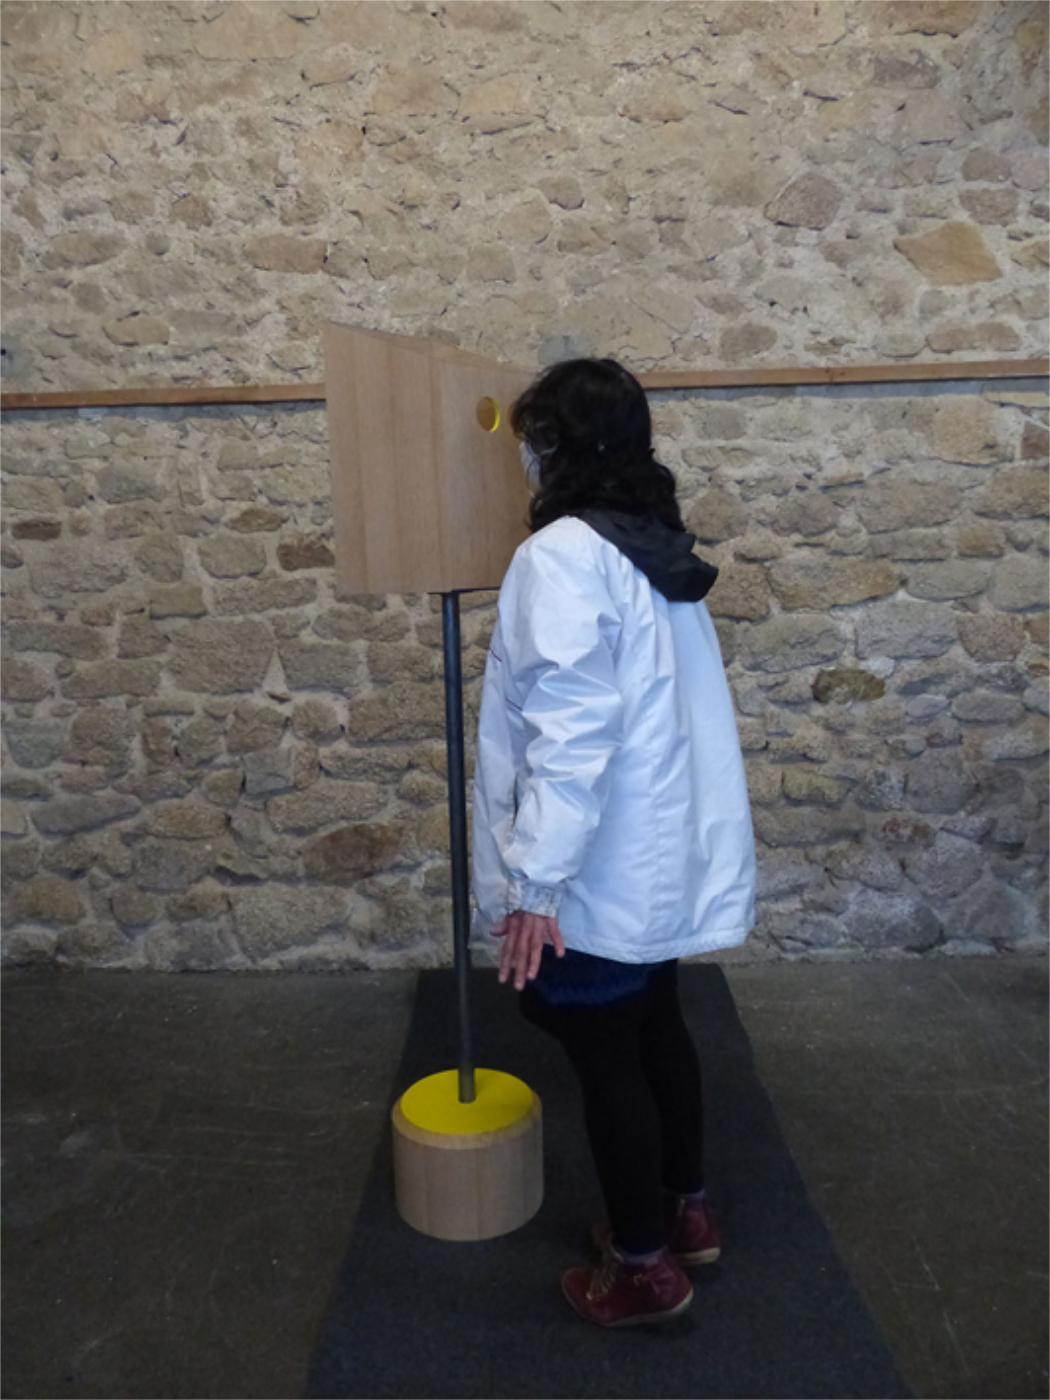 Jean Bonichon et Lidia Lelong, Les Lelichons, 2020